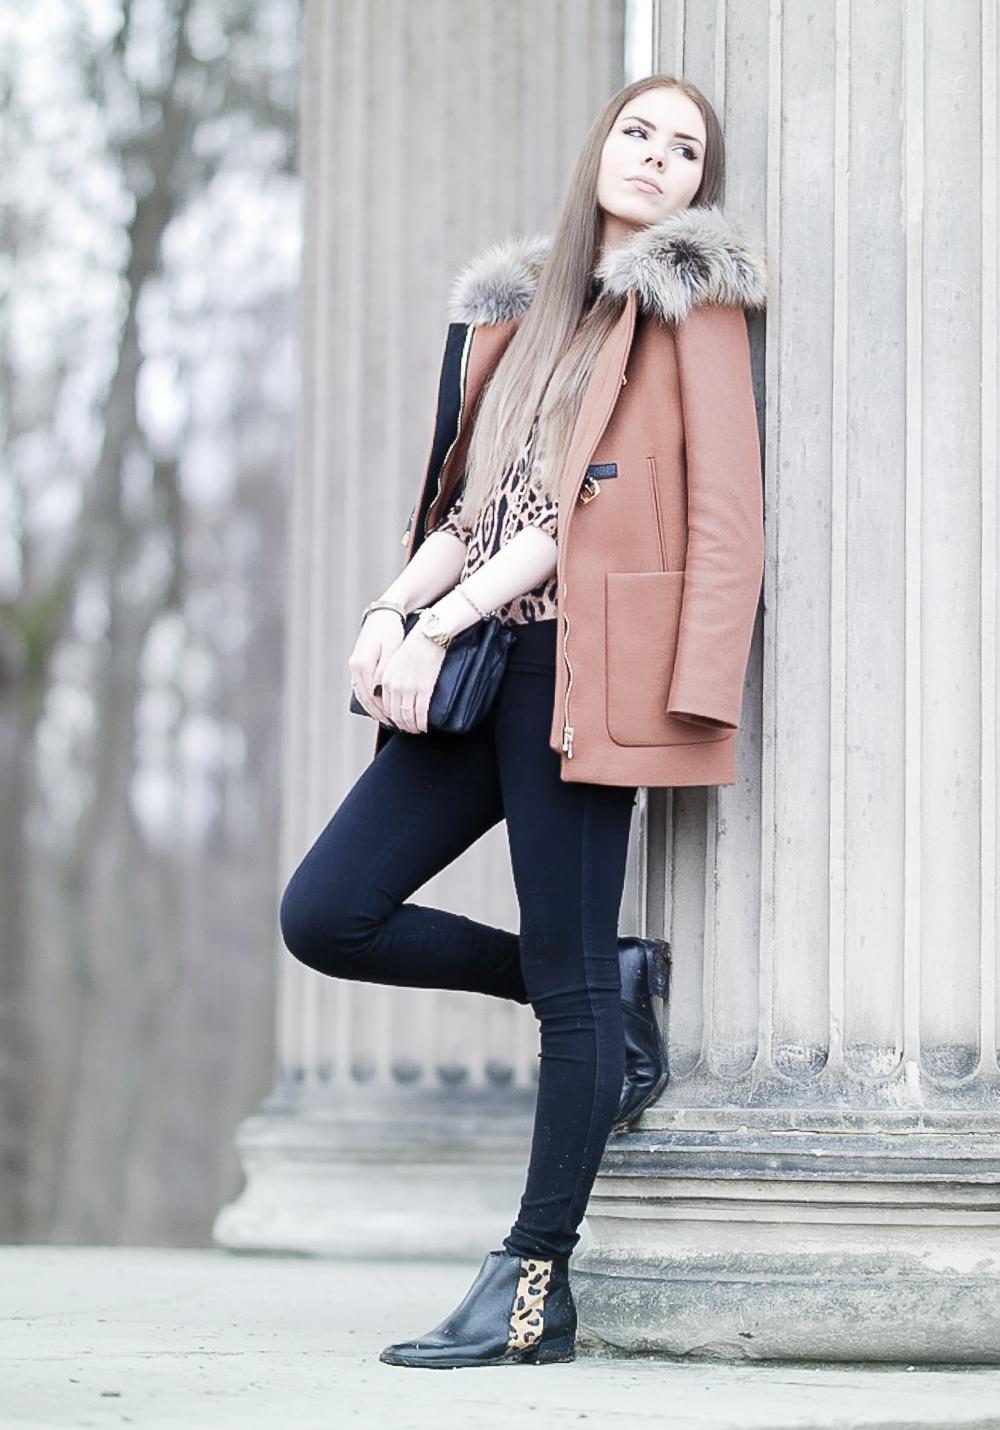 TheRubinRose-Fashionblog München-Modeblog München-Fashionblog-Modeblog-Zara Mantel-Fashionblogger-Modeblogger-Camel Mantel-Camel Coat-Leo Print-Leo Muster-Leo-Hallhuber Sweater-Hallhuber Pullover-schwarze Jeans-kleine Tasche-Leo Schuhe-Stiefelletten-schwarz-Camel-warme Brauntöne